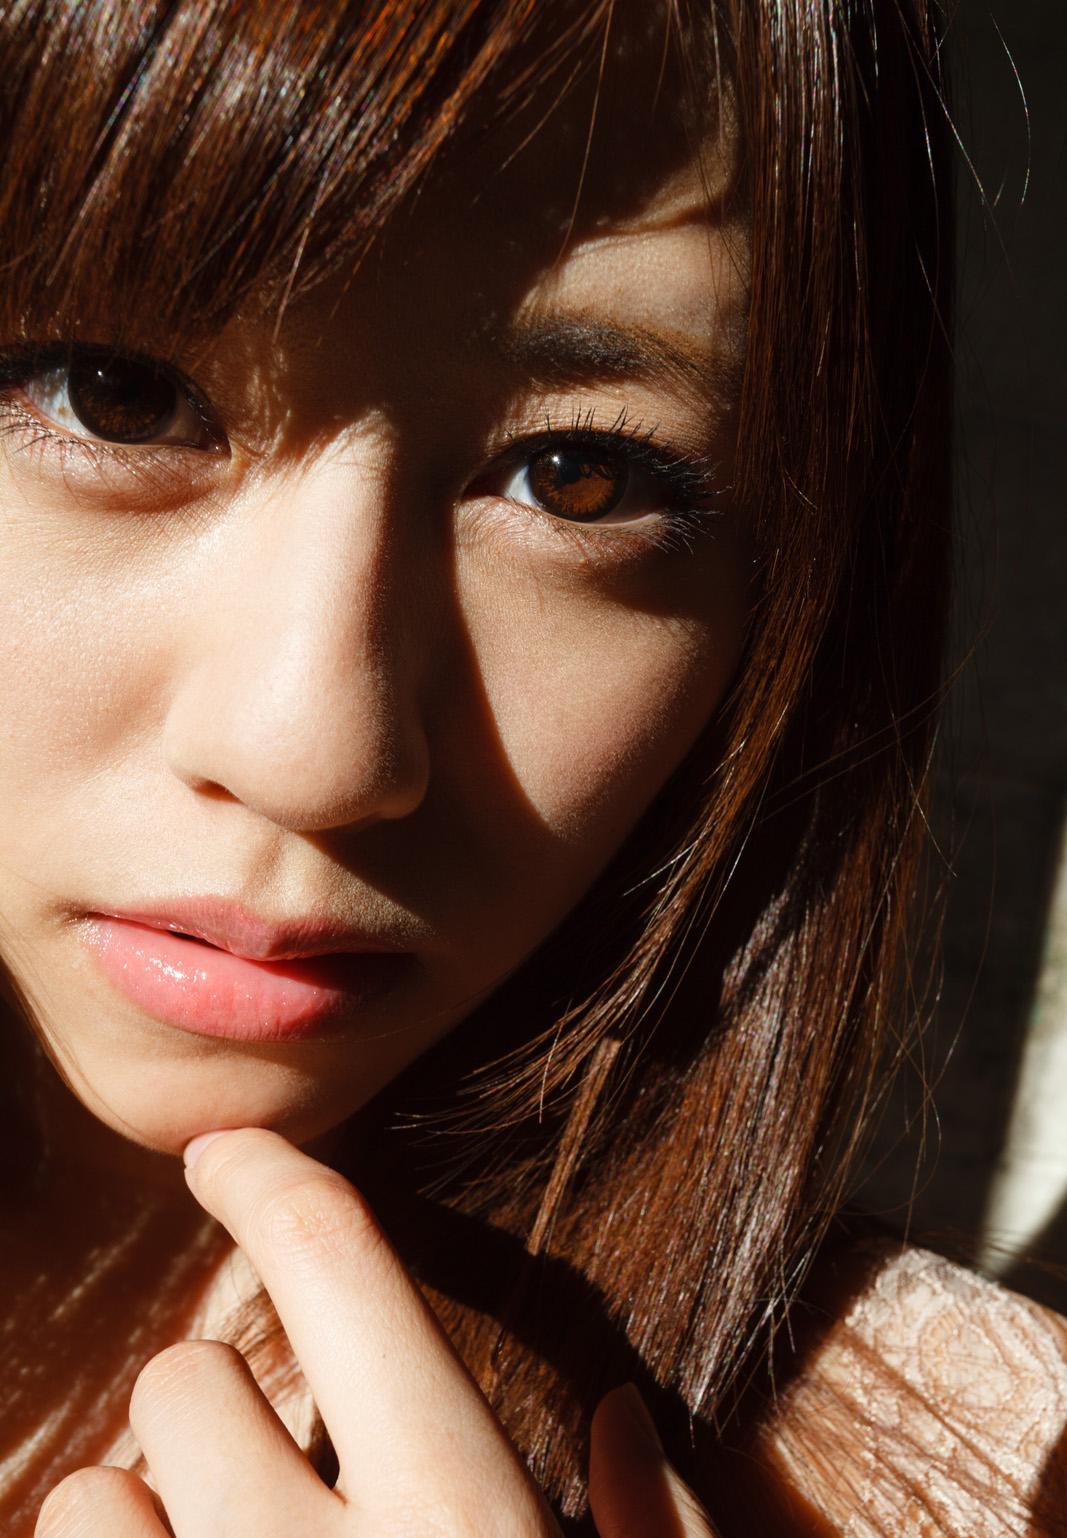 瑠川リナ 画像 19